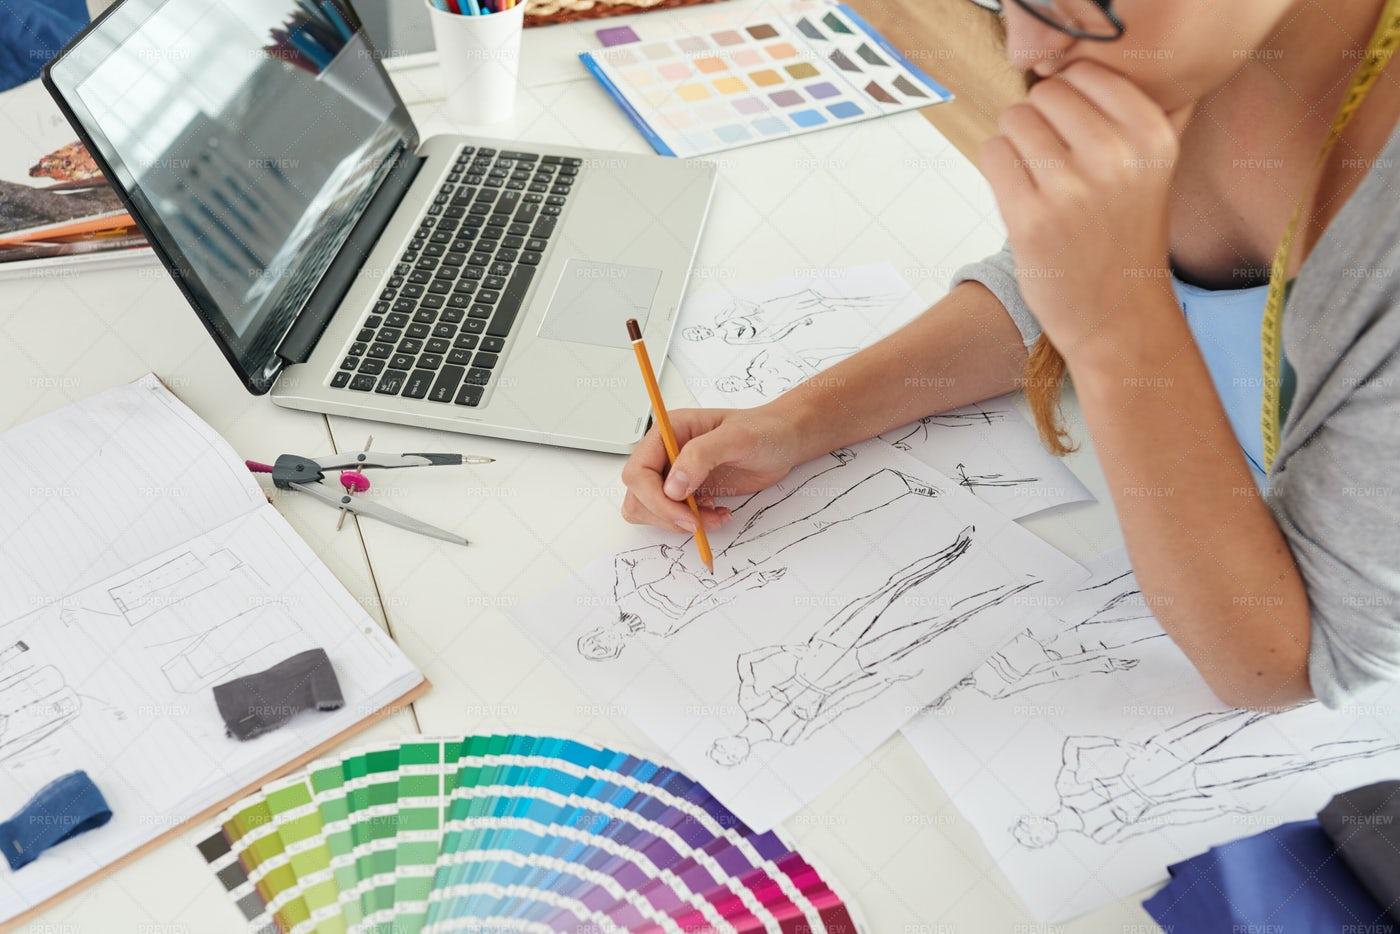 Creative Process: Stock Photos